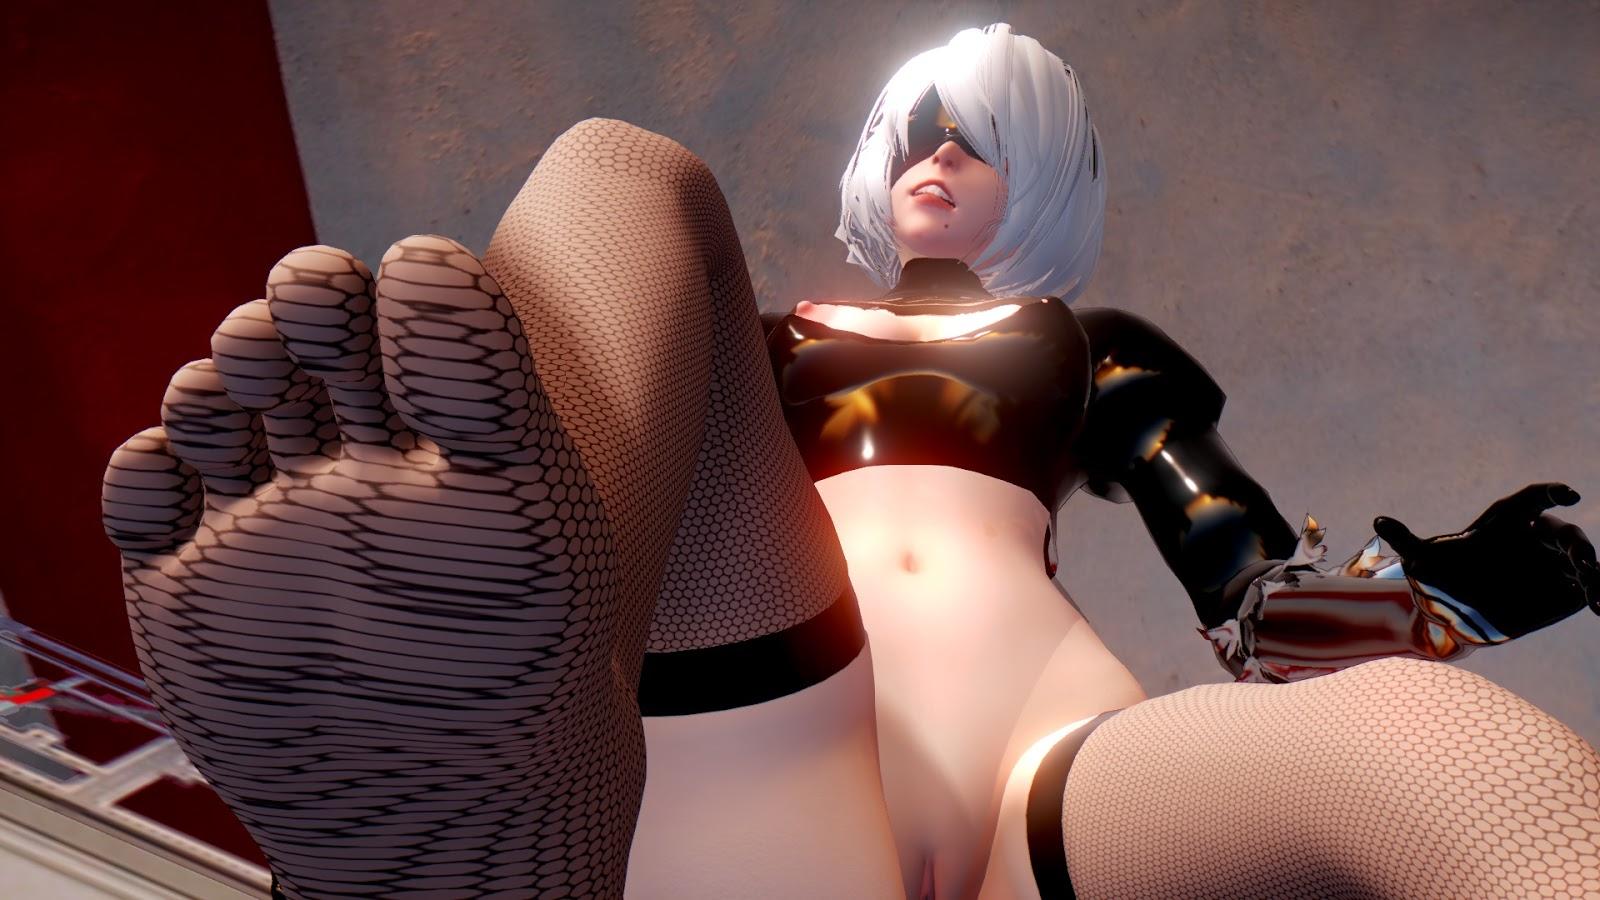 3Dshota hentai 3d shota hentai